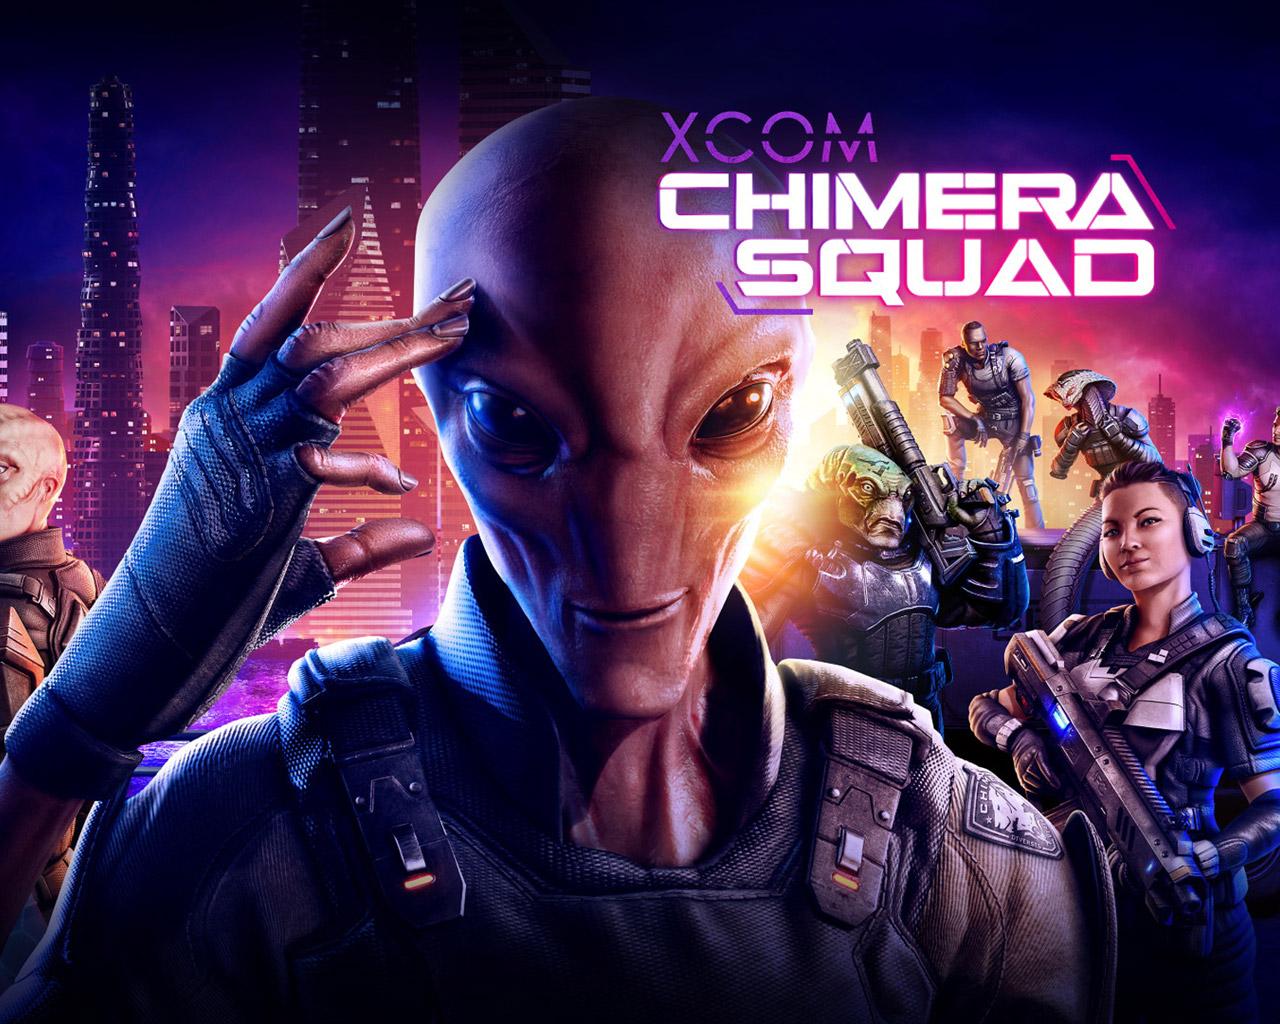 Free XCOM: Chimera Squad Wallpaper in 1280x1024